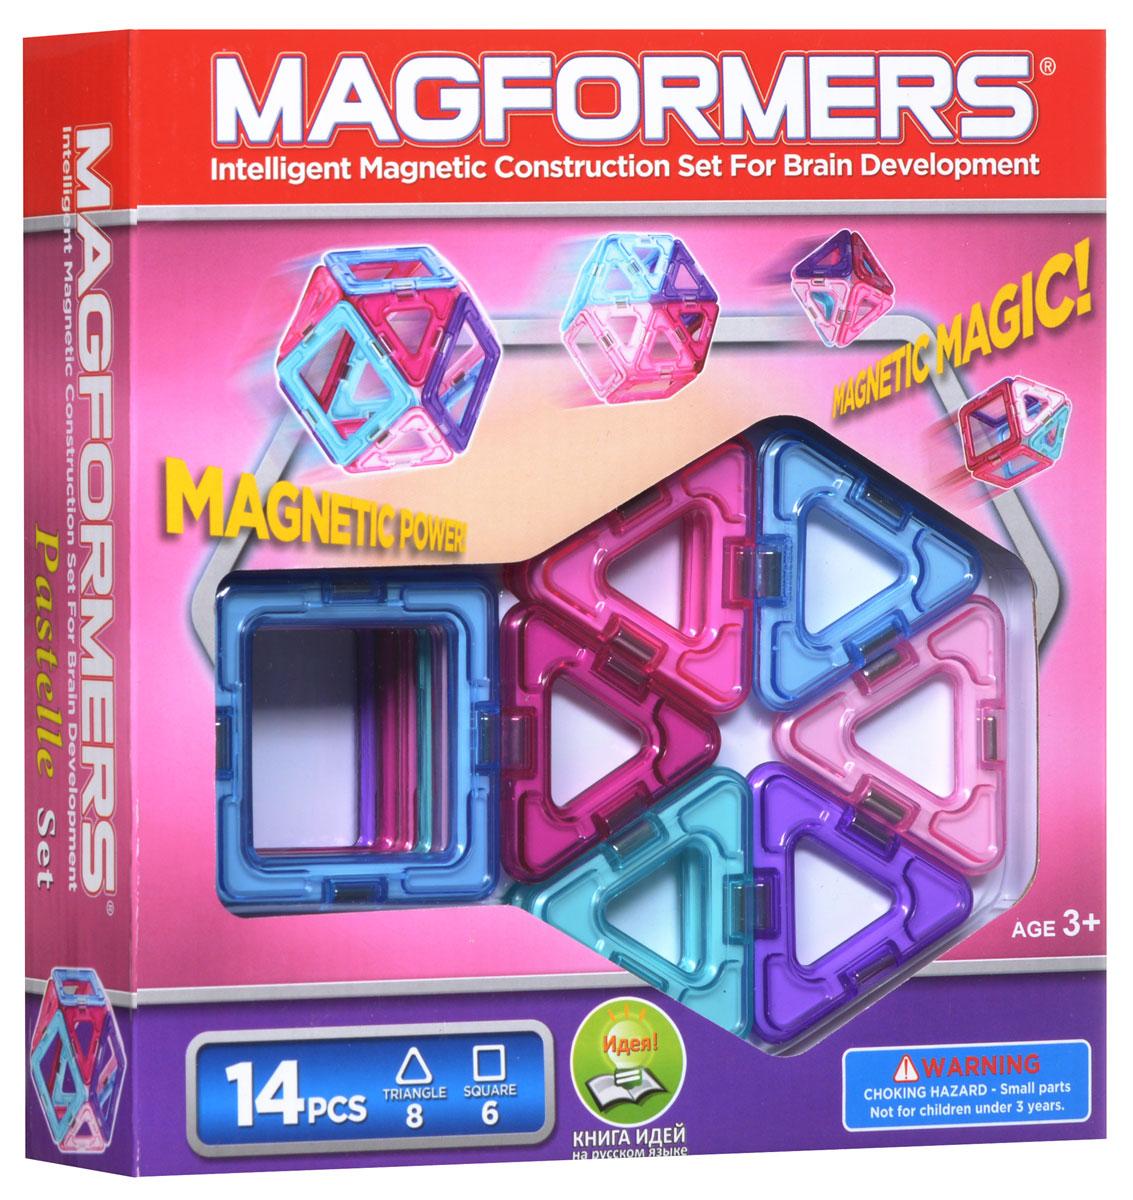 Magformers Магнитный конструктор Pastelle 14704001Магнитный конструктор Magformers Pastelle 14 позволит построить различные 2D и 3D модели из двух геометрических фигур - треугольников и квадратов. Почувствуйте силу магнитного поля, исследуйте и экспериментируйте с многочисленными вариантами соединений деталей! Новинка Магформерс - один из бестселлеров Magformers 14 - теперь в пастельных тонах. Цветовая гамма этого набора - нежные оттенки розового и голубого. Как и любой конструктор Magformers, Pastelle 14 полностью совместим с другими наборами. Набор Magformers Pastelle 14 получил заслуженную награду - ассоциацией Oppenheim Toy Portfolio ему была присуждена платиновая медаль за 2013 год.Oppenheim Toy Portfolio - независимый и некоммерческий обозреватель, с 1989 года тестирующий лучшие товары для детей. Отобранные игрушки проходят тройную экспертизу. В качестве экспертов выступают педагоги и детские психологи, родители и, конечно, дети. В комплекте 14 элементов.